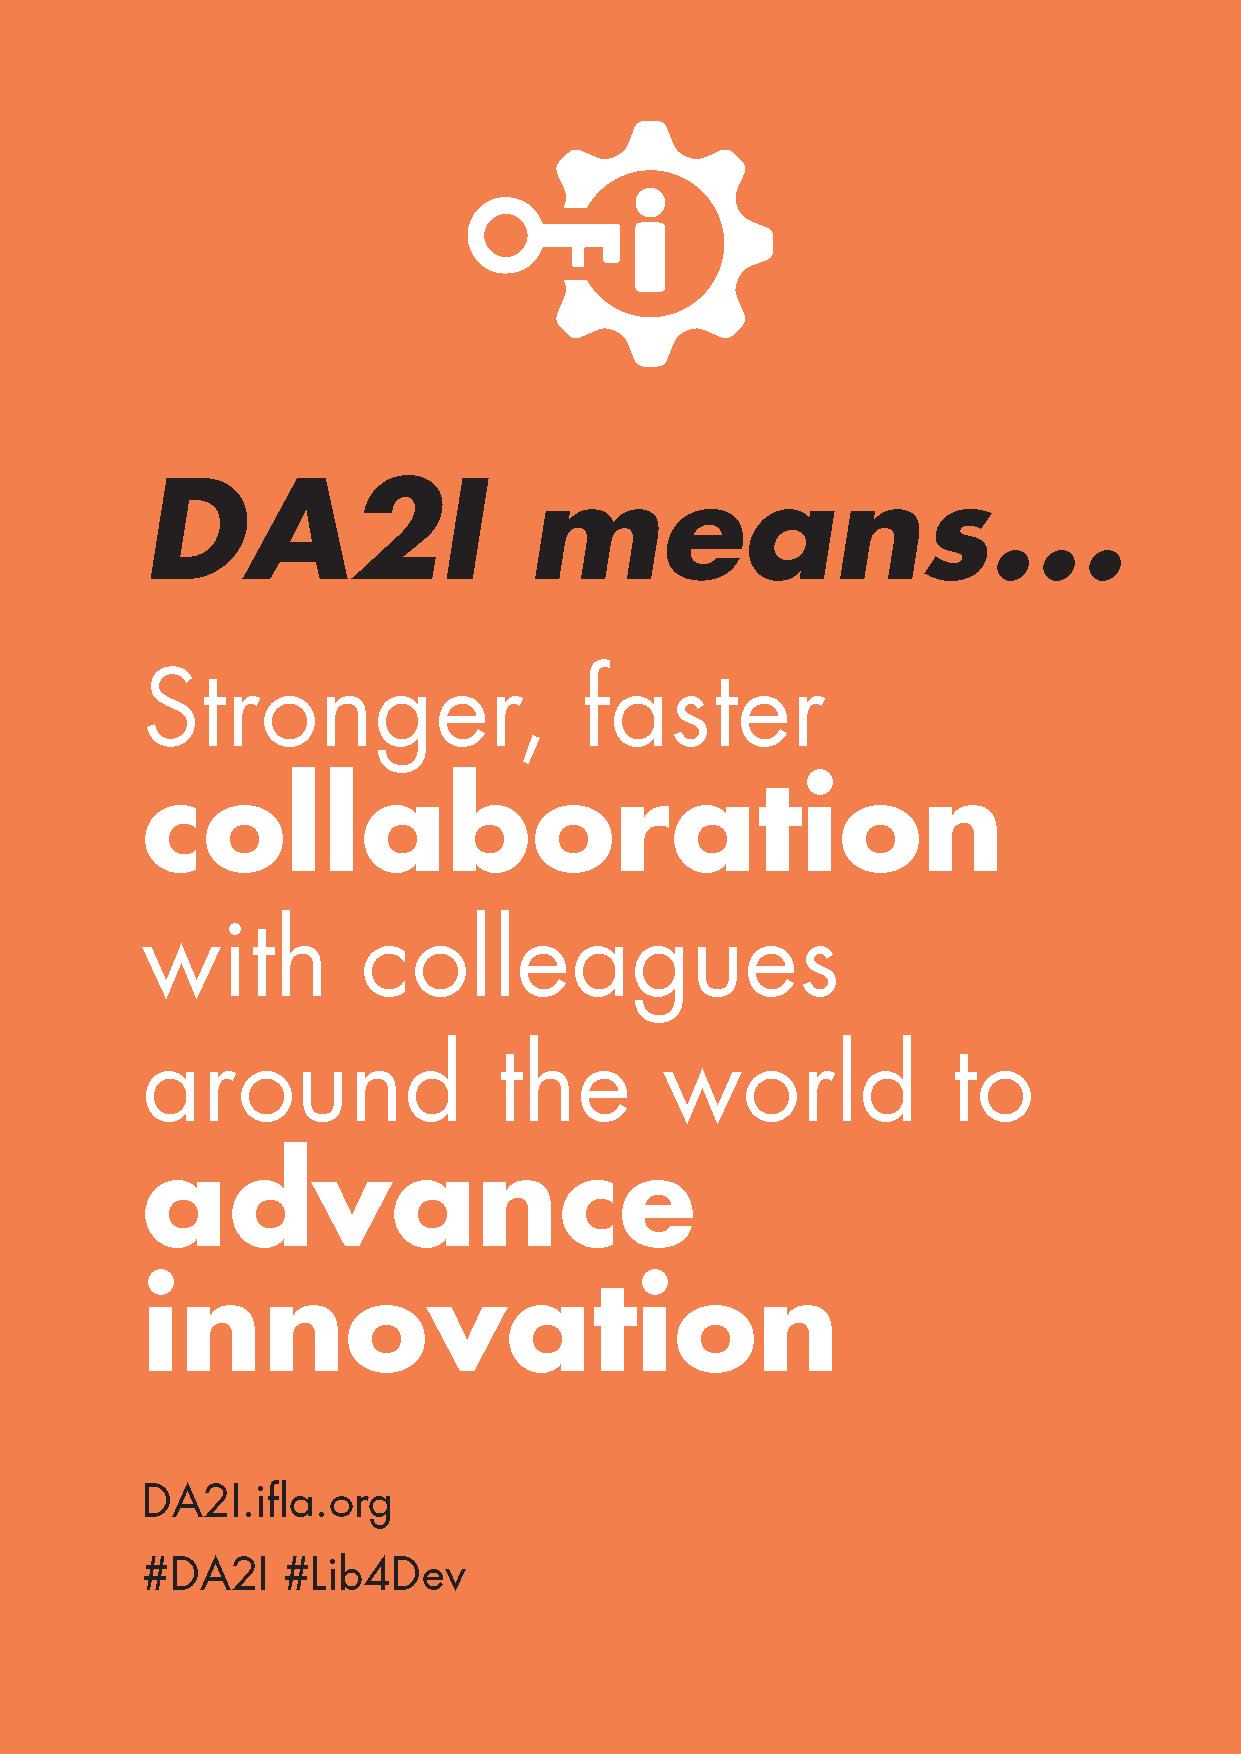 DA2I Postcard SDG 9